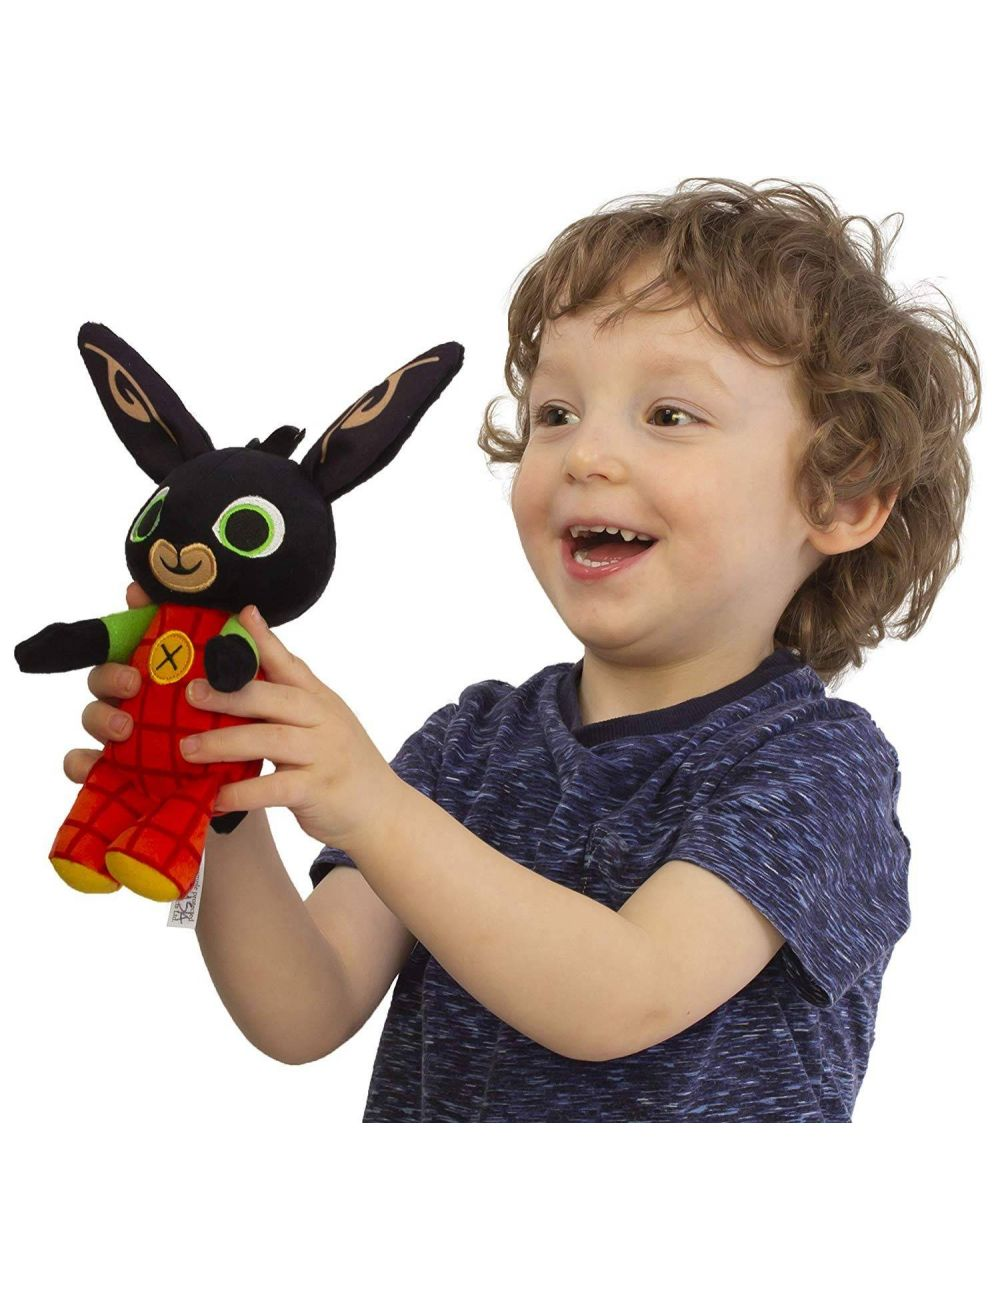 BING Królik pluszowy maskotka 20cm dziecko bawi się